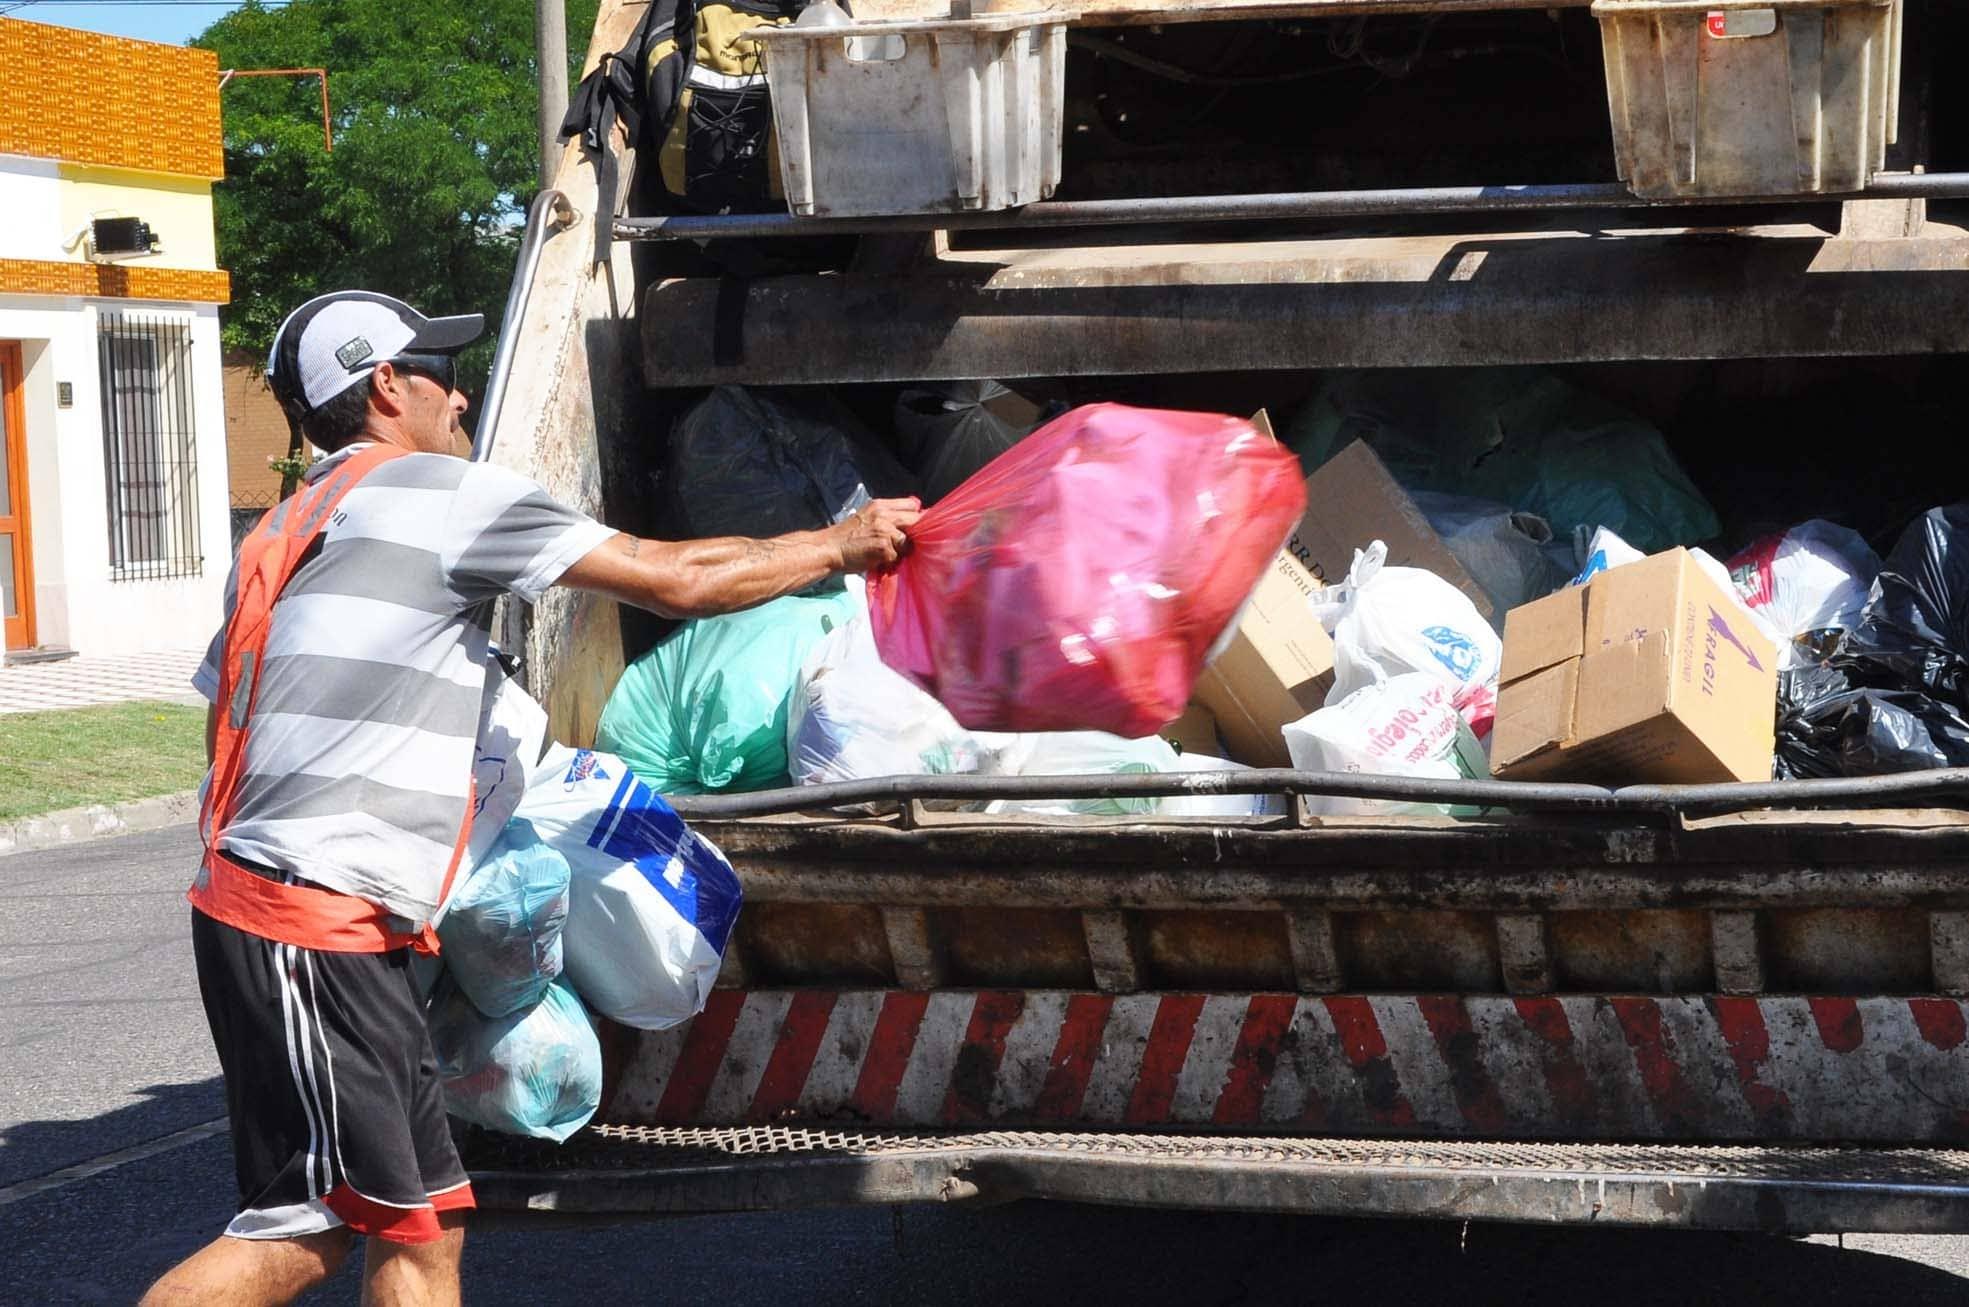 El lunes se realiza recolección domiciliaria de residuos